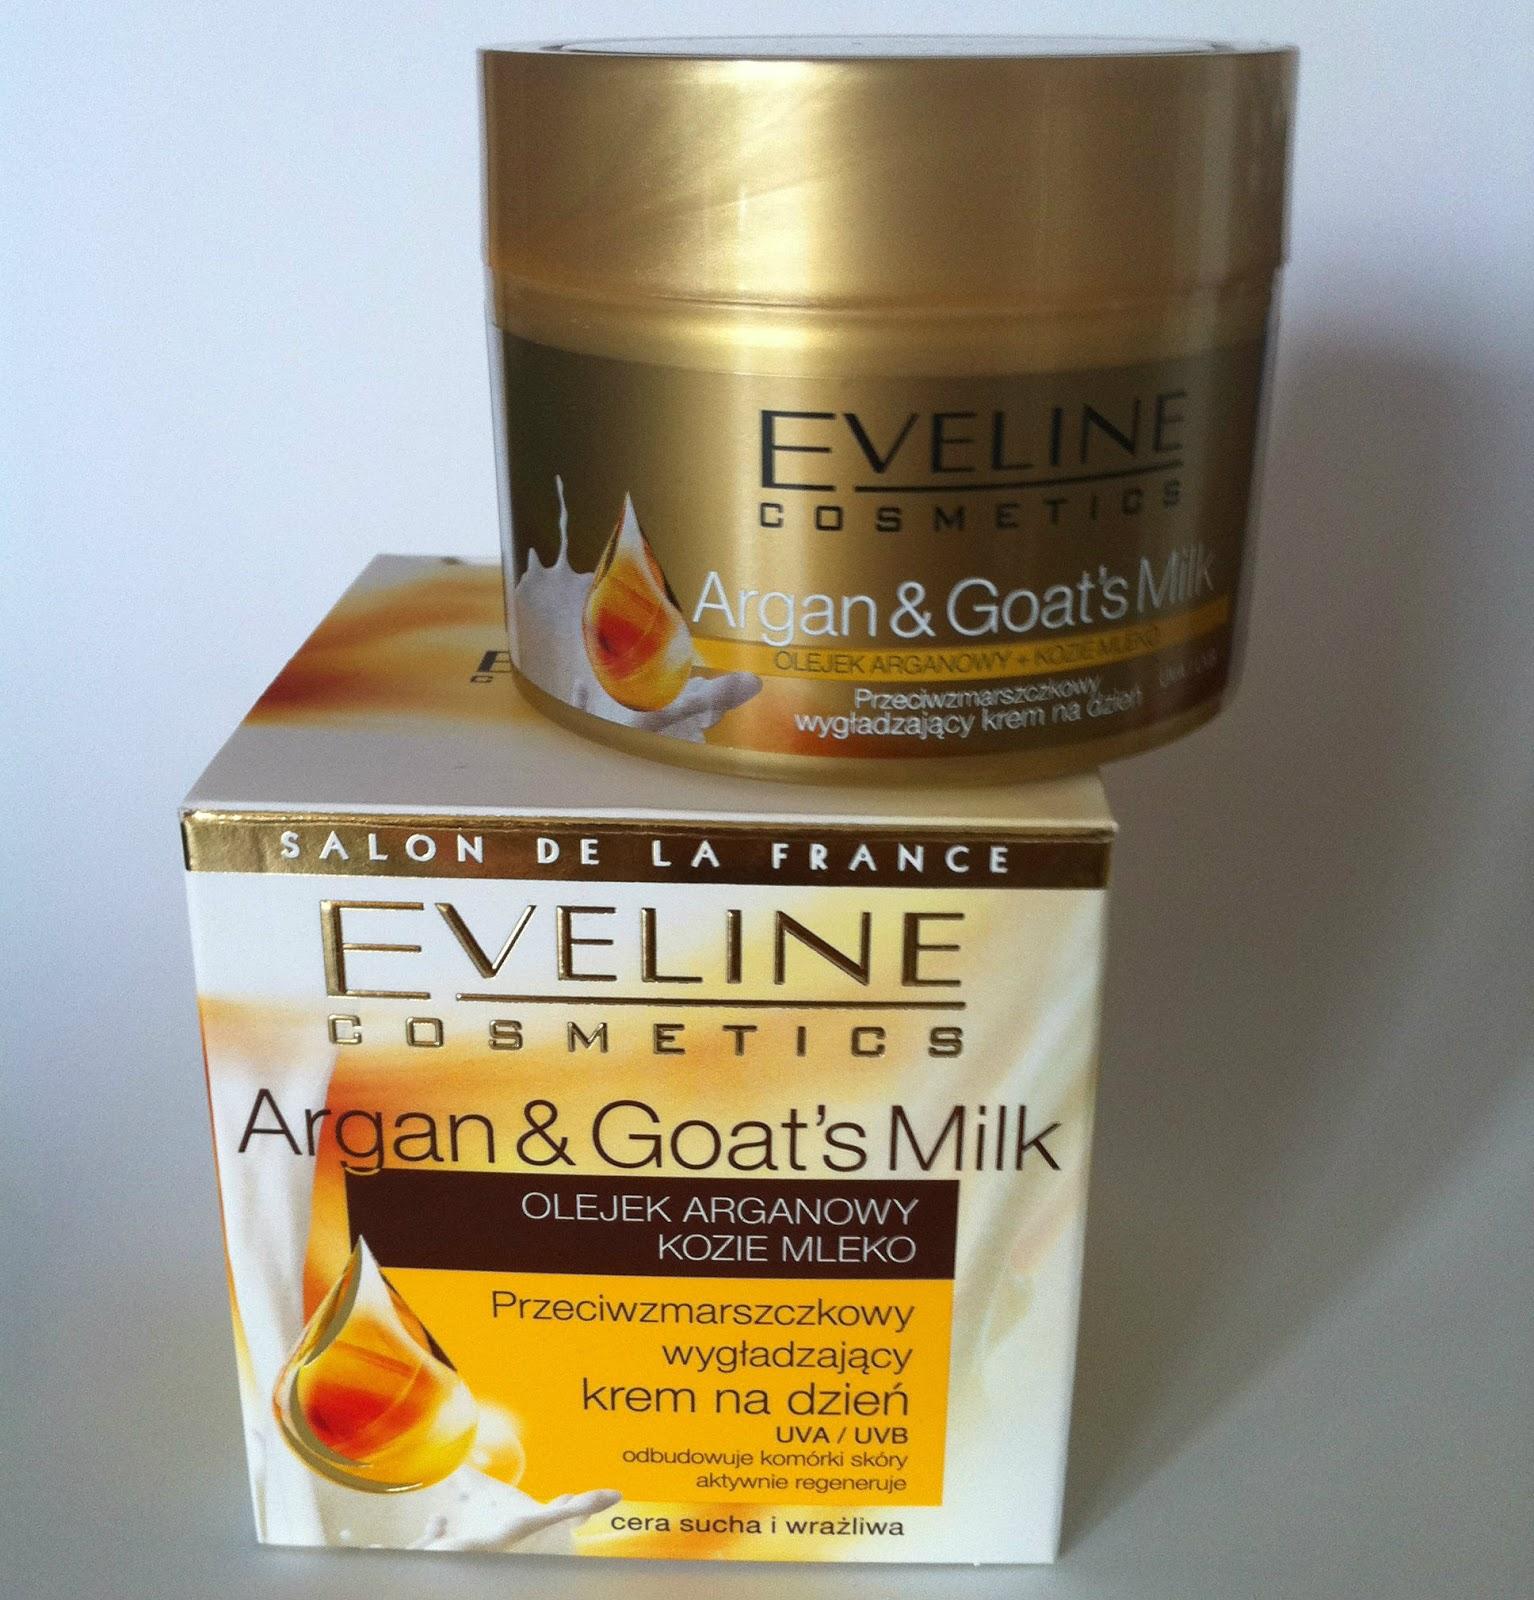 Krem przeciwzmarszczkowy Argan & Goat's Milk od Eveline Cosmetics.